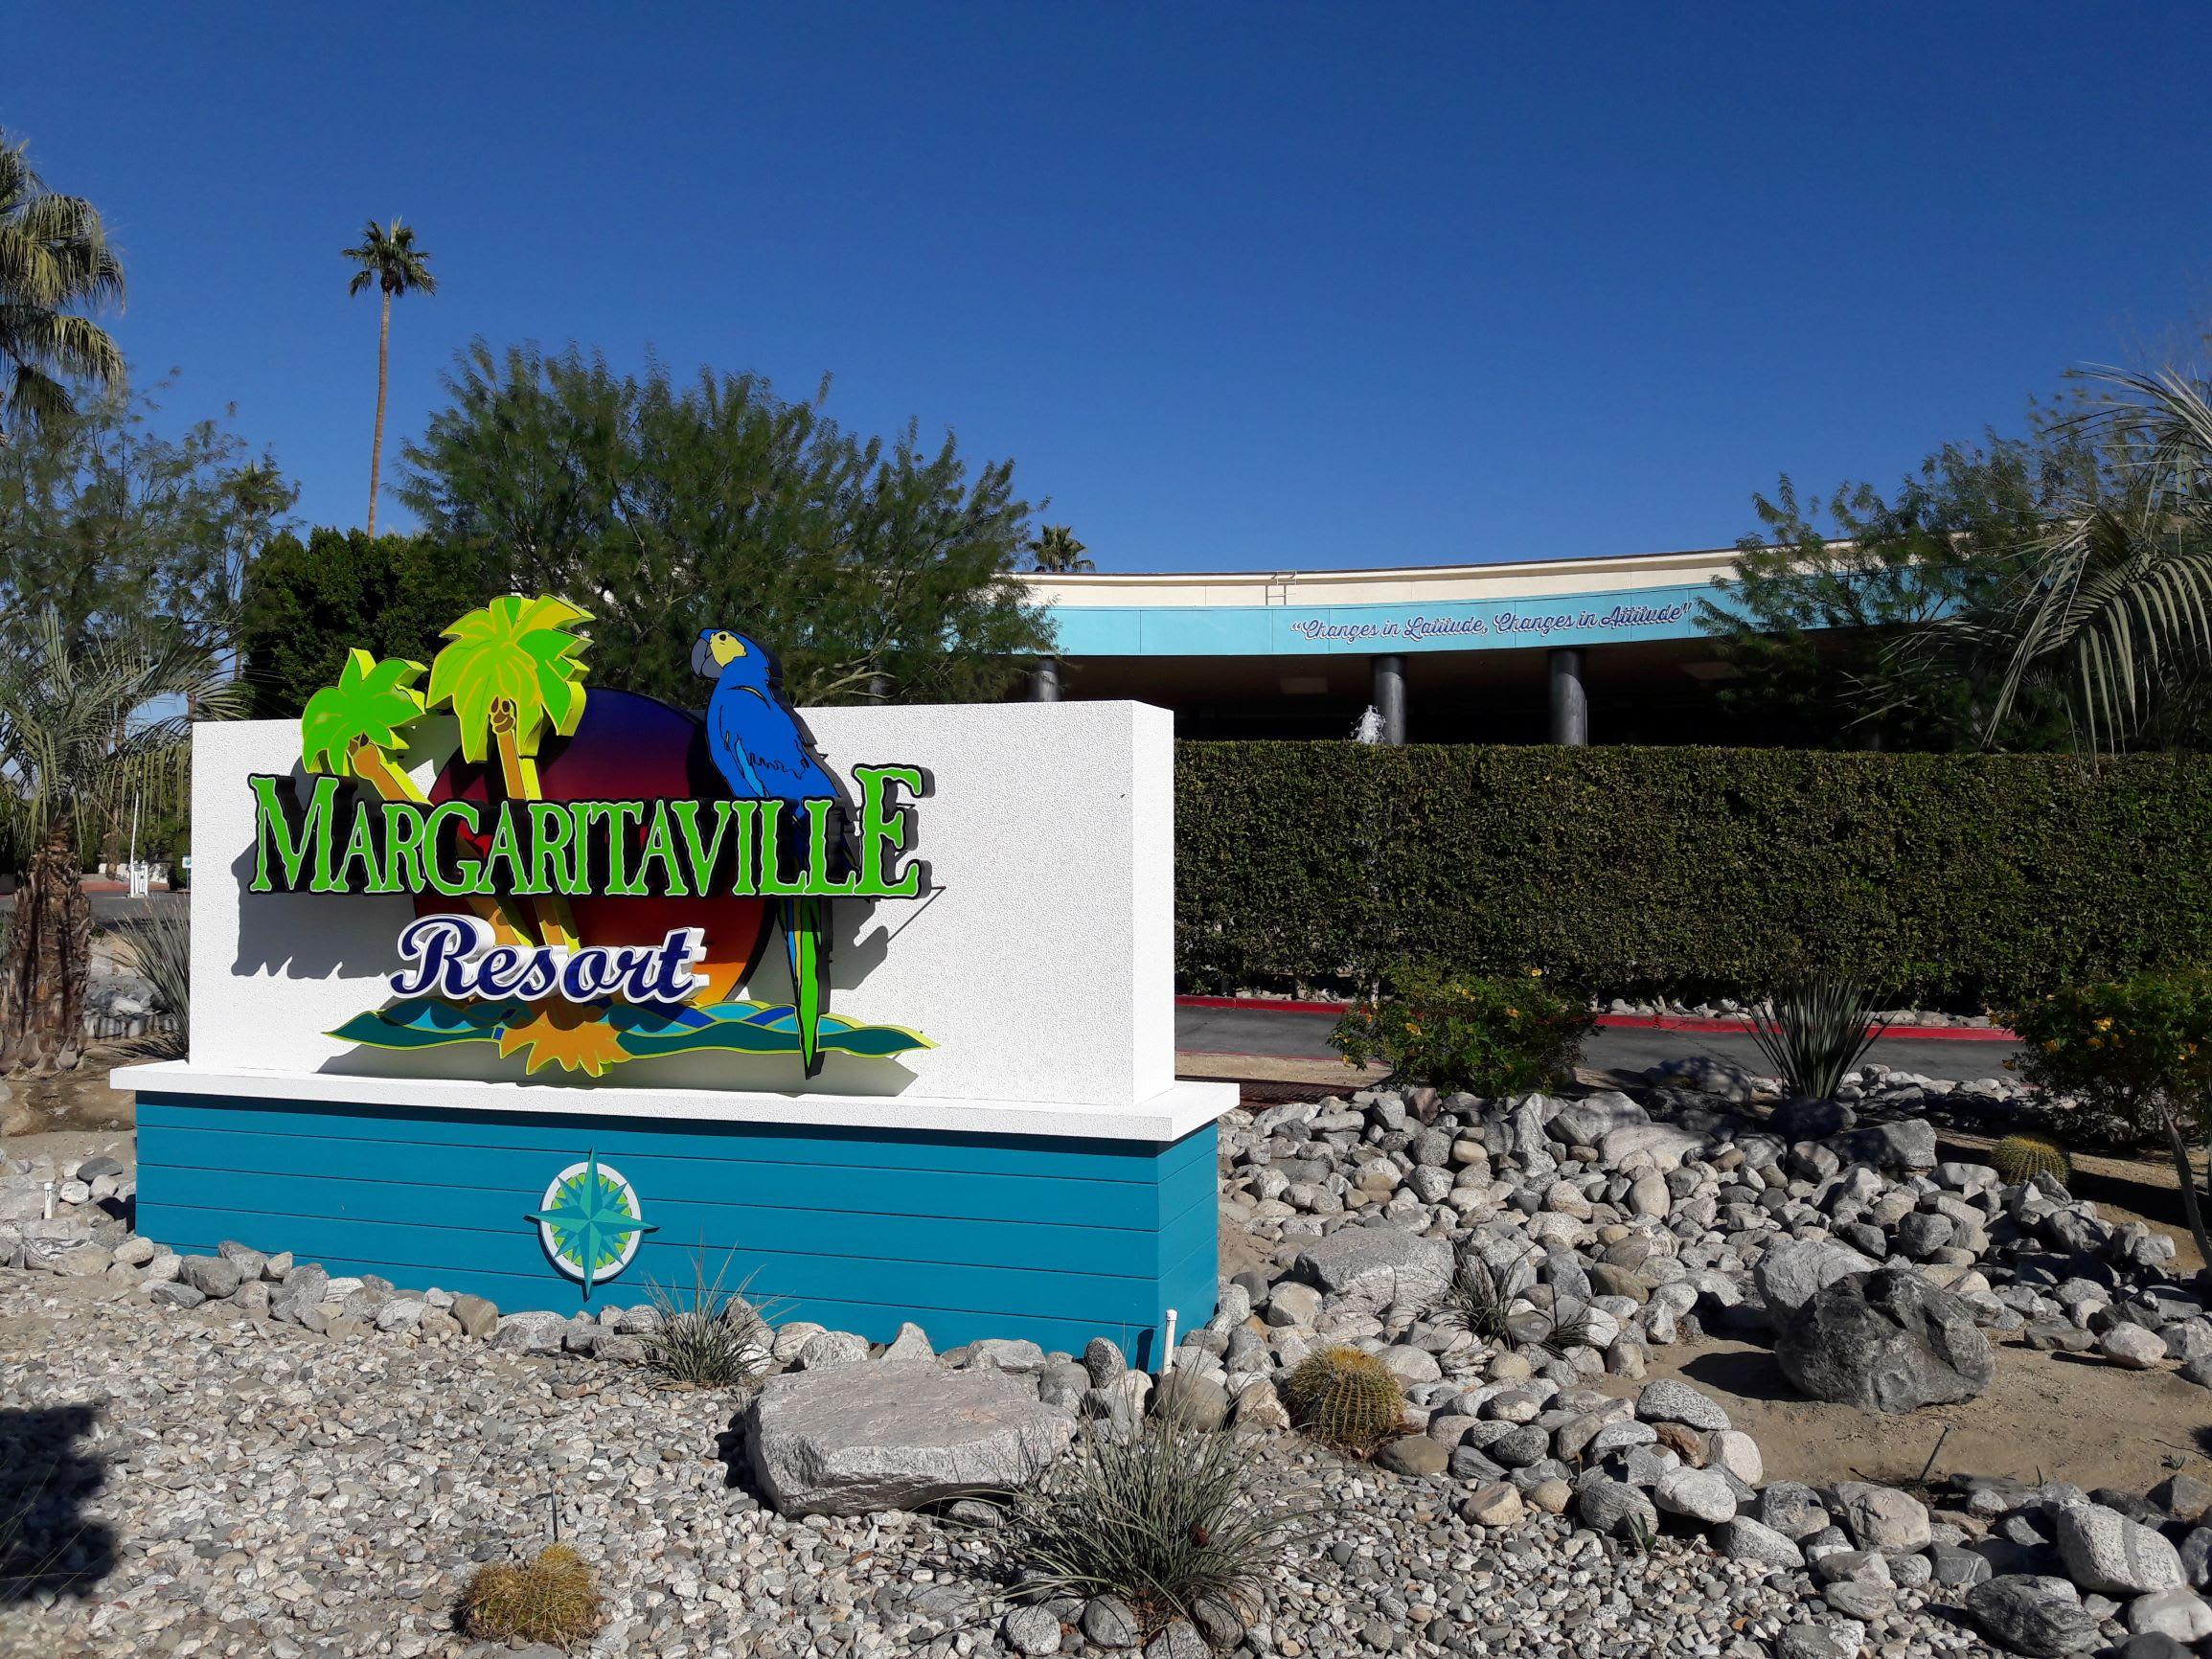 The Margaritaville Resort